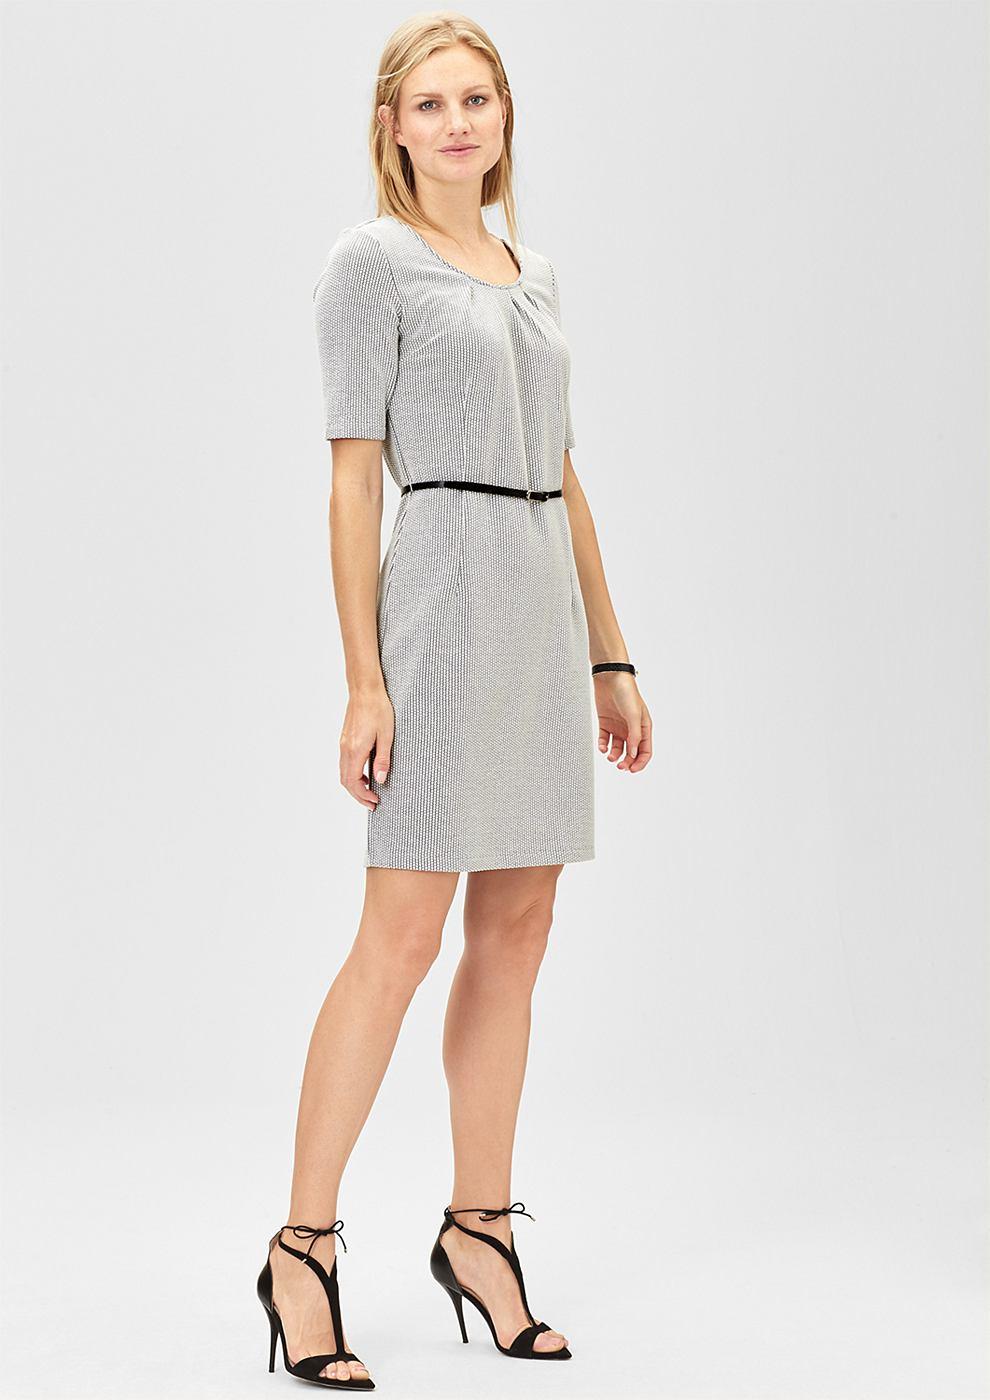 s.Oliver Premium Casual jacquard jurk met riem wit